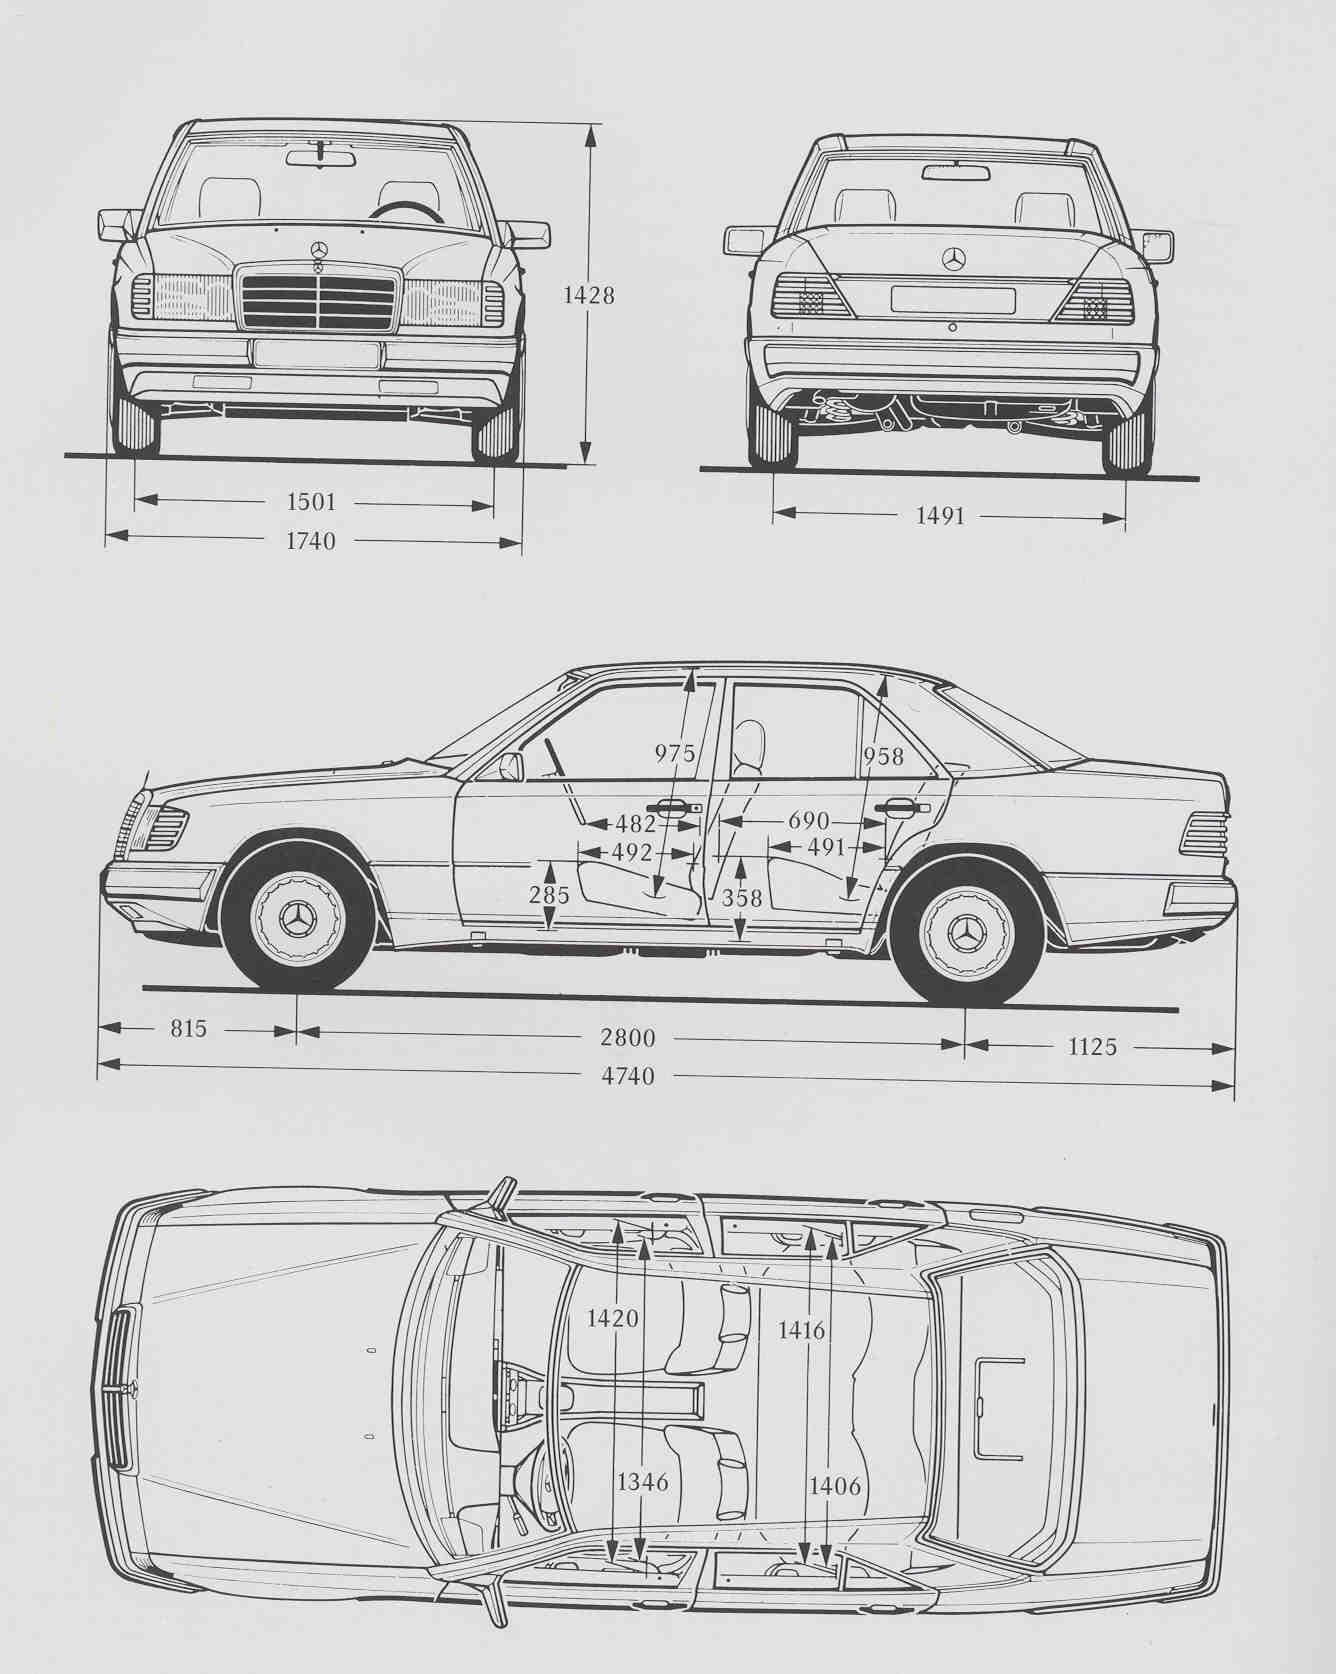 1995 mercedes e320 fuse box location